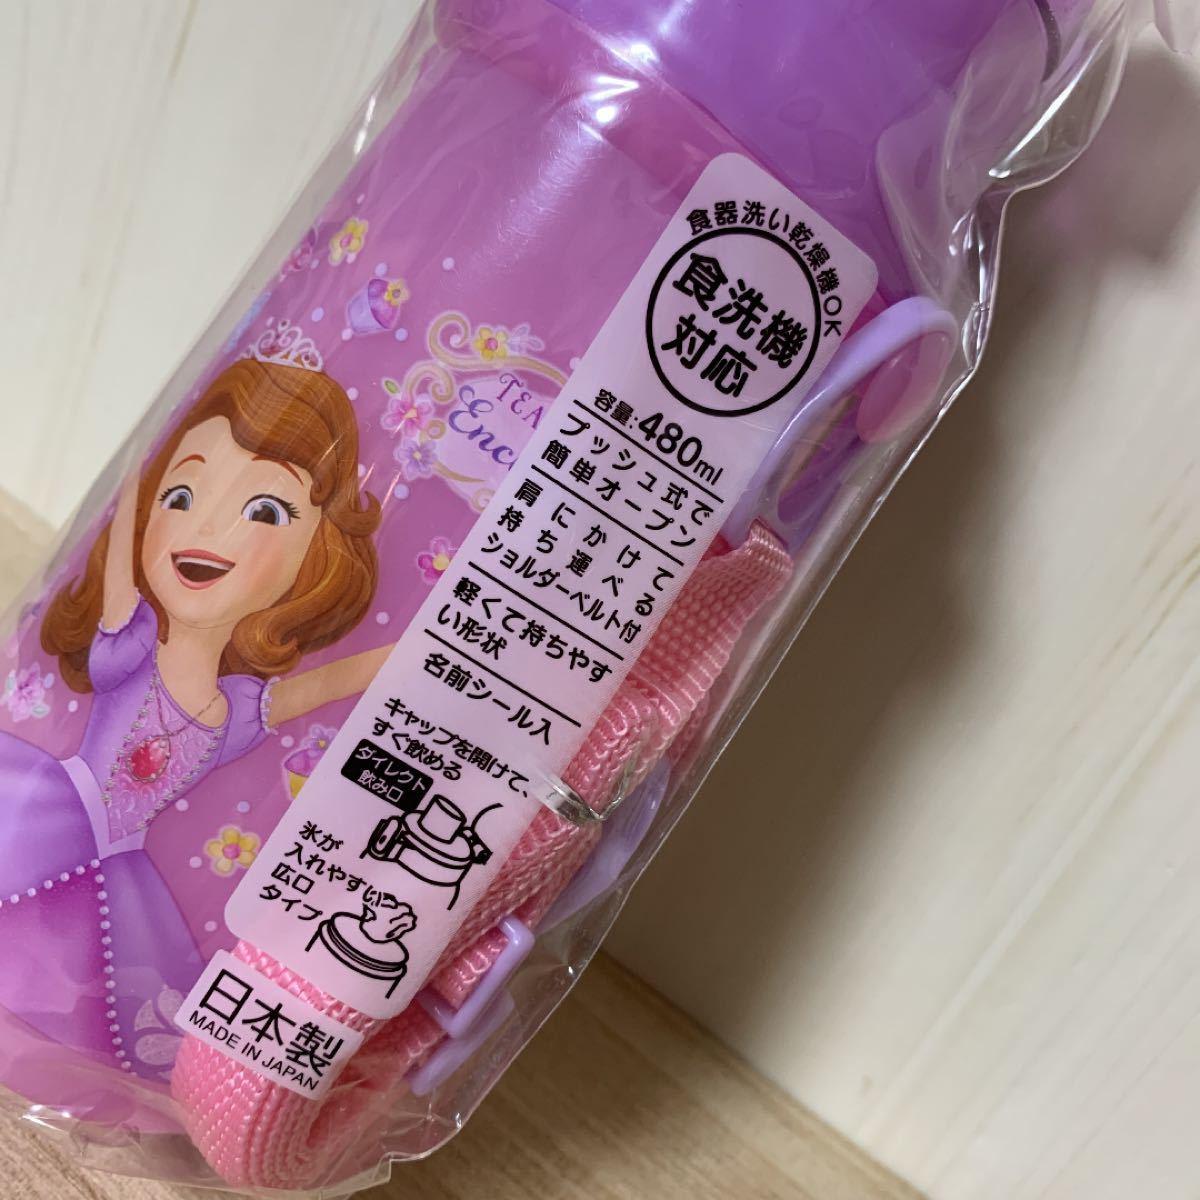 ソフィア☆超軽量 470ml  ダイレクトステンレスボトル&480mlプラボトル